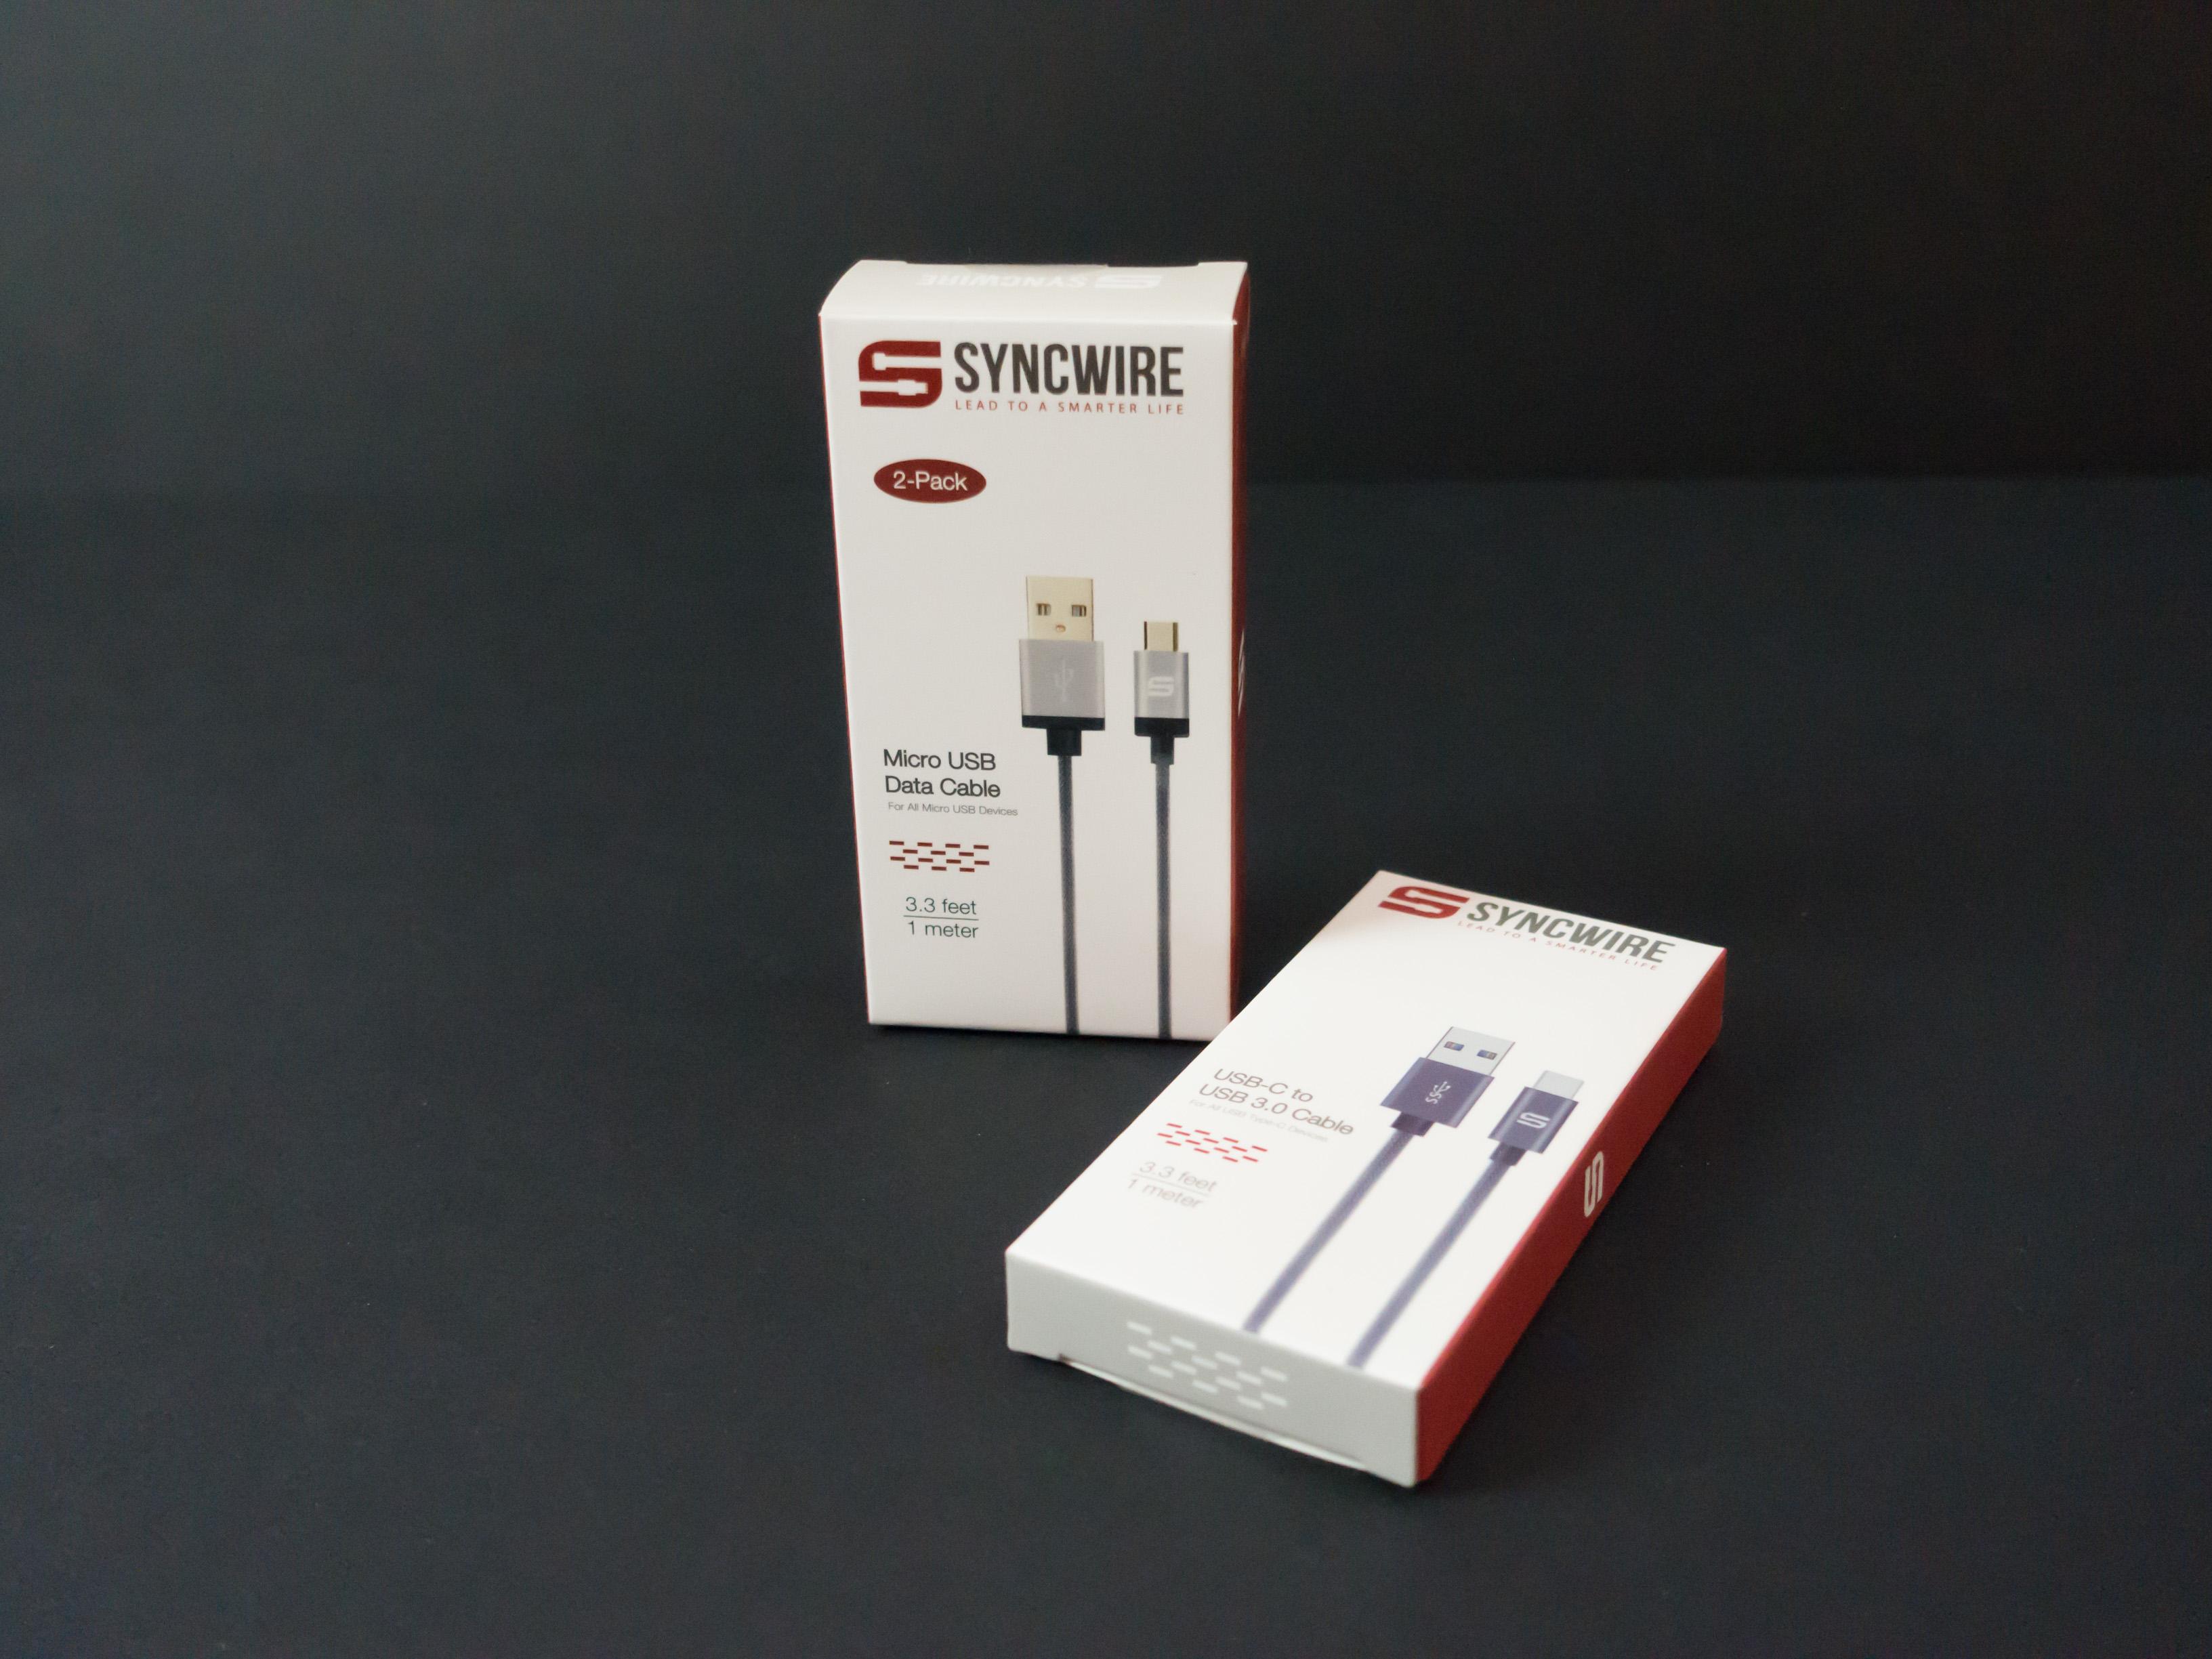 J'ai testé pour vous les cables Syncwire microUSB & USB C !